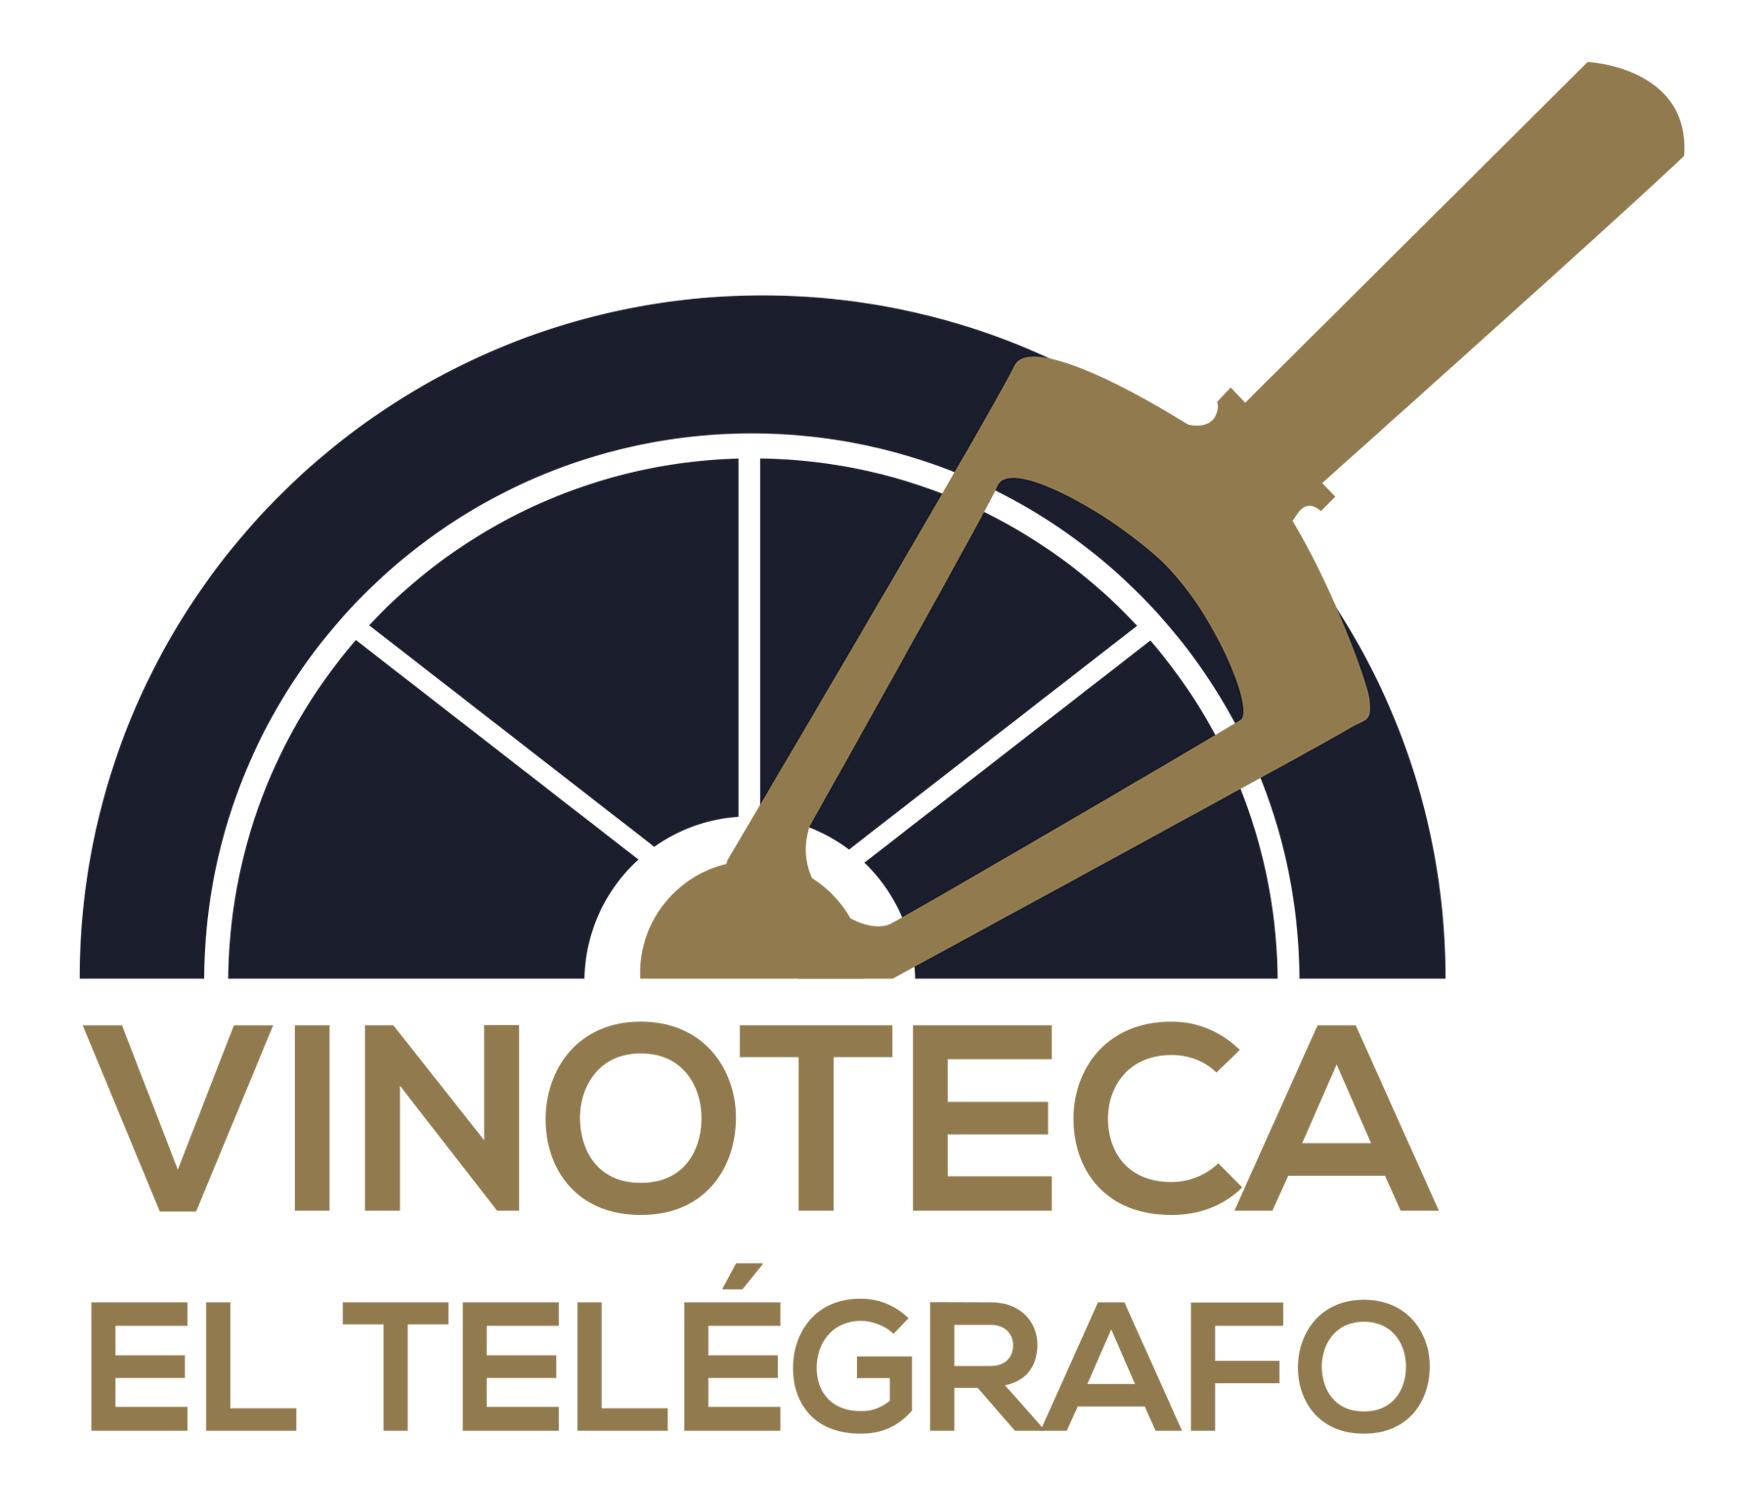 Vinoteca El Telégrafo